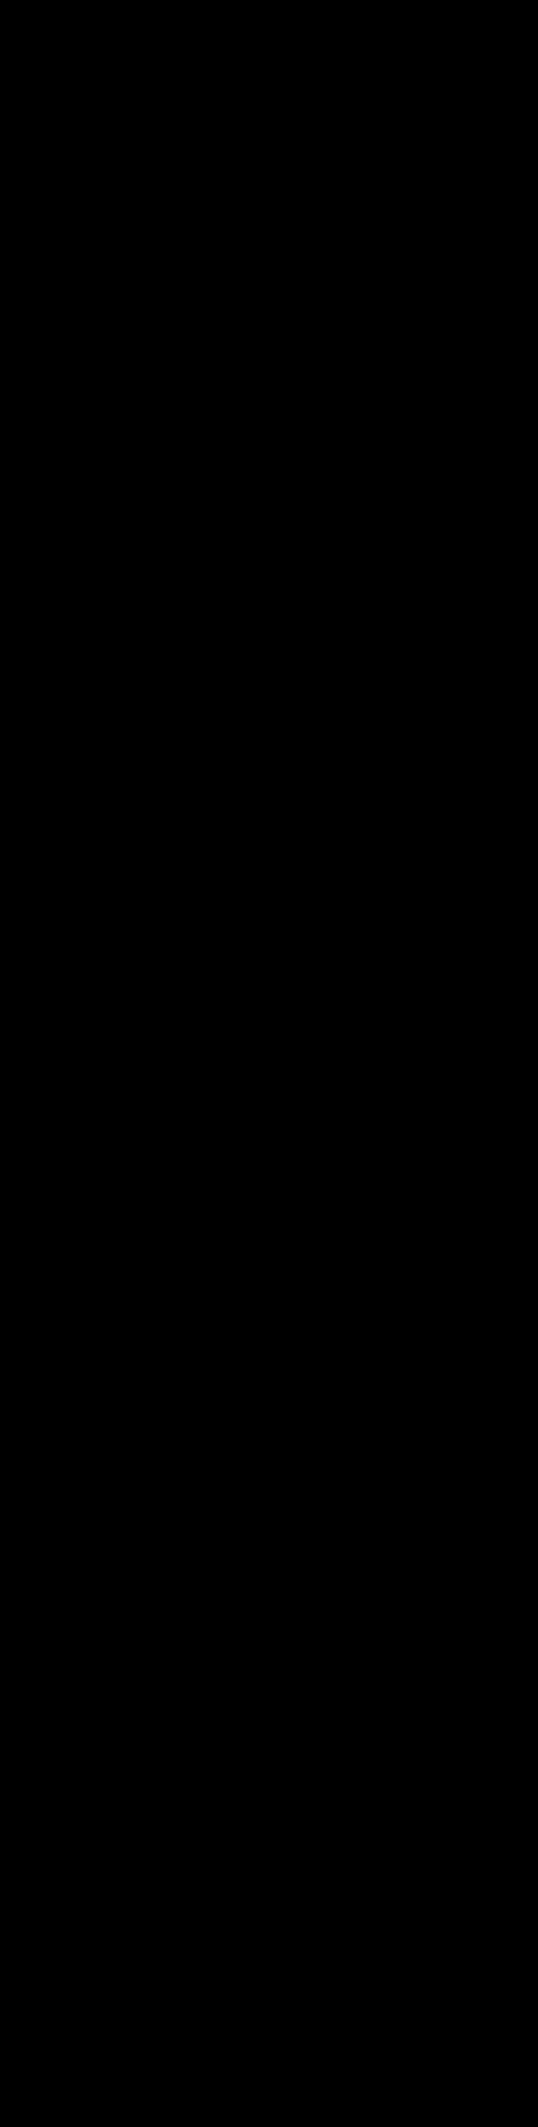 BRILLA LA NOCHE OSCURA-HAIKUS-II-12-9-15